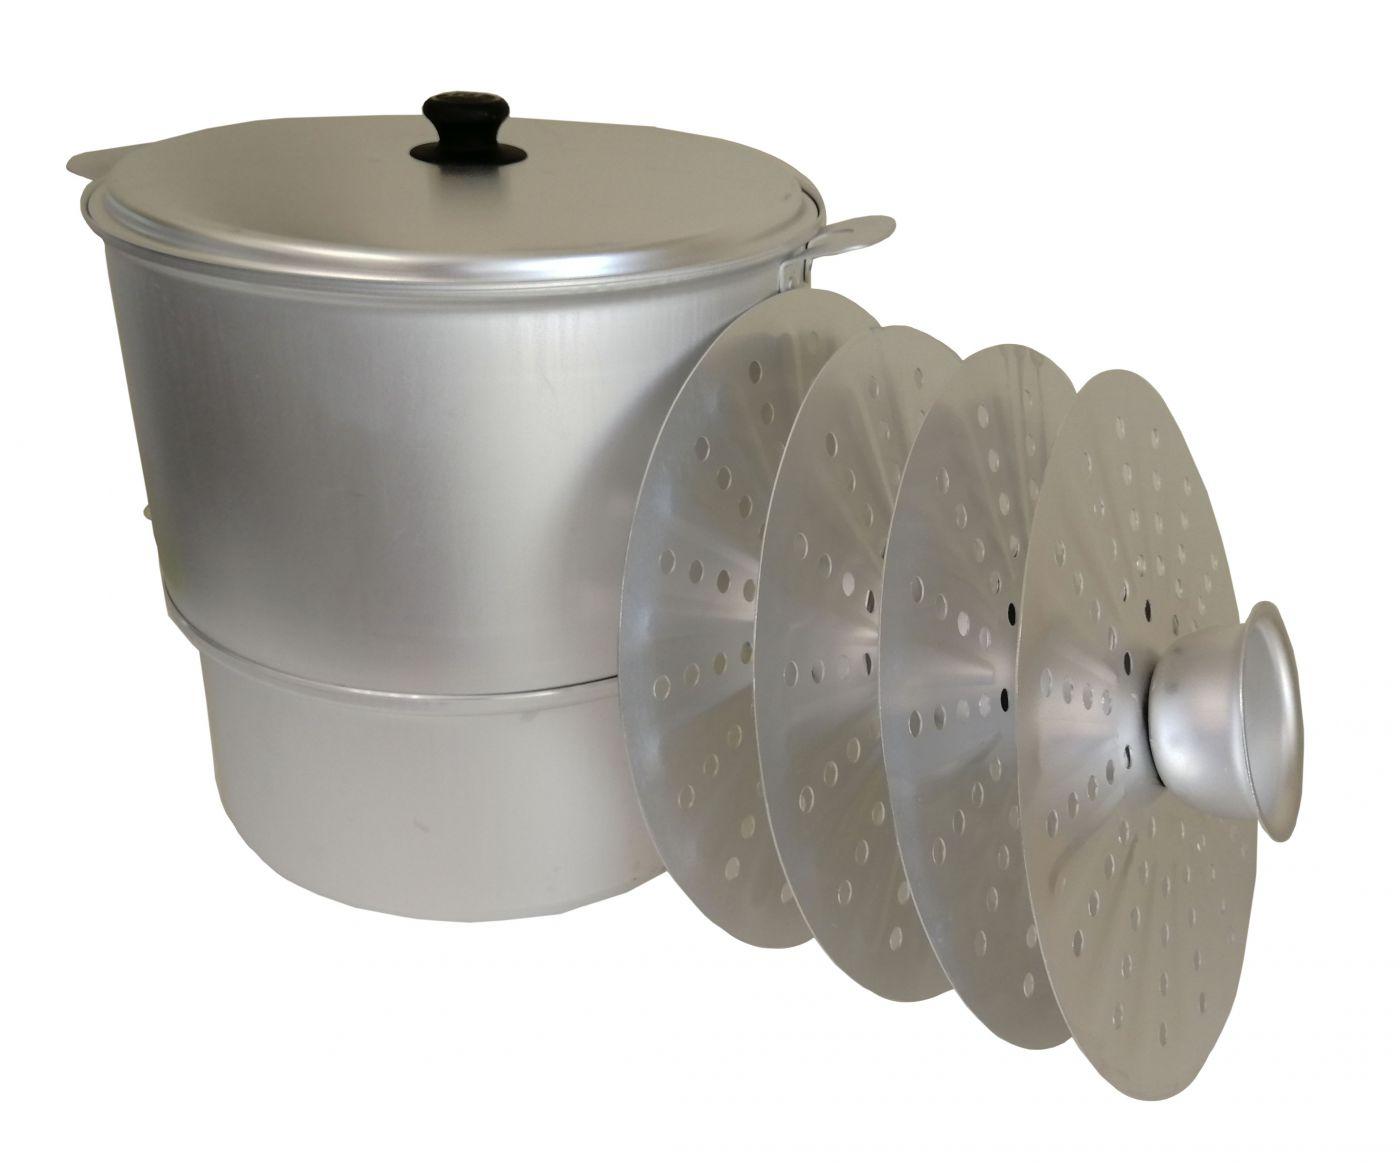 Мантоварка алюминиевая 10 литров с 4 сетками  диаметр 34 см до 3,6 кг с новым увеличенным корпусом Манты-Казан Калитва 18104